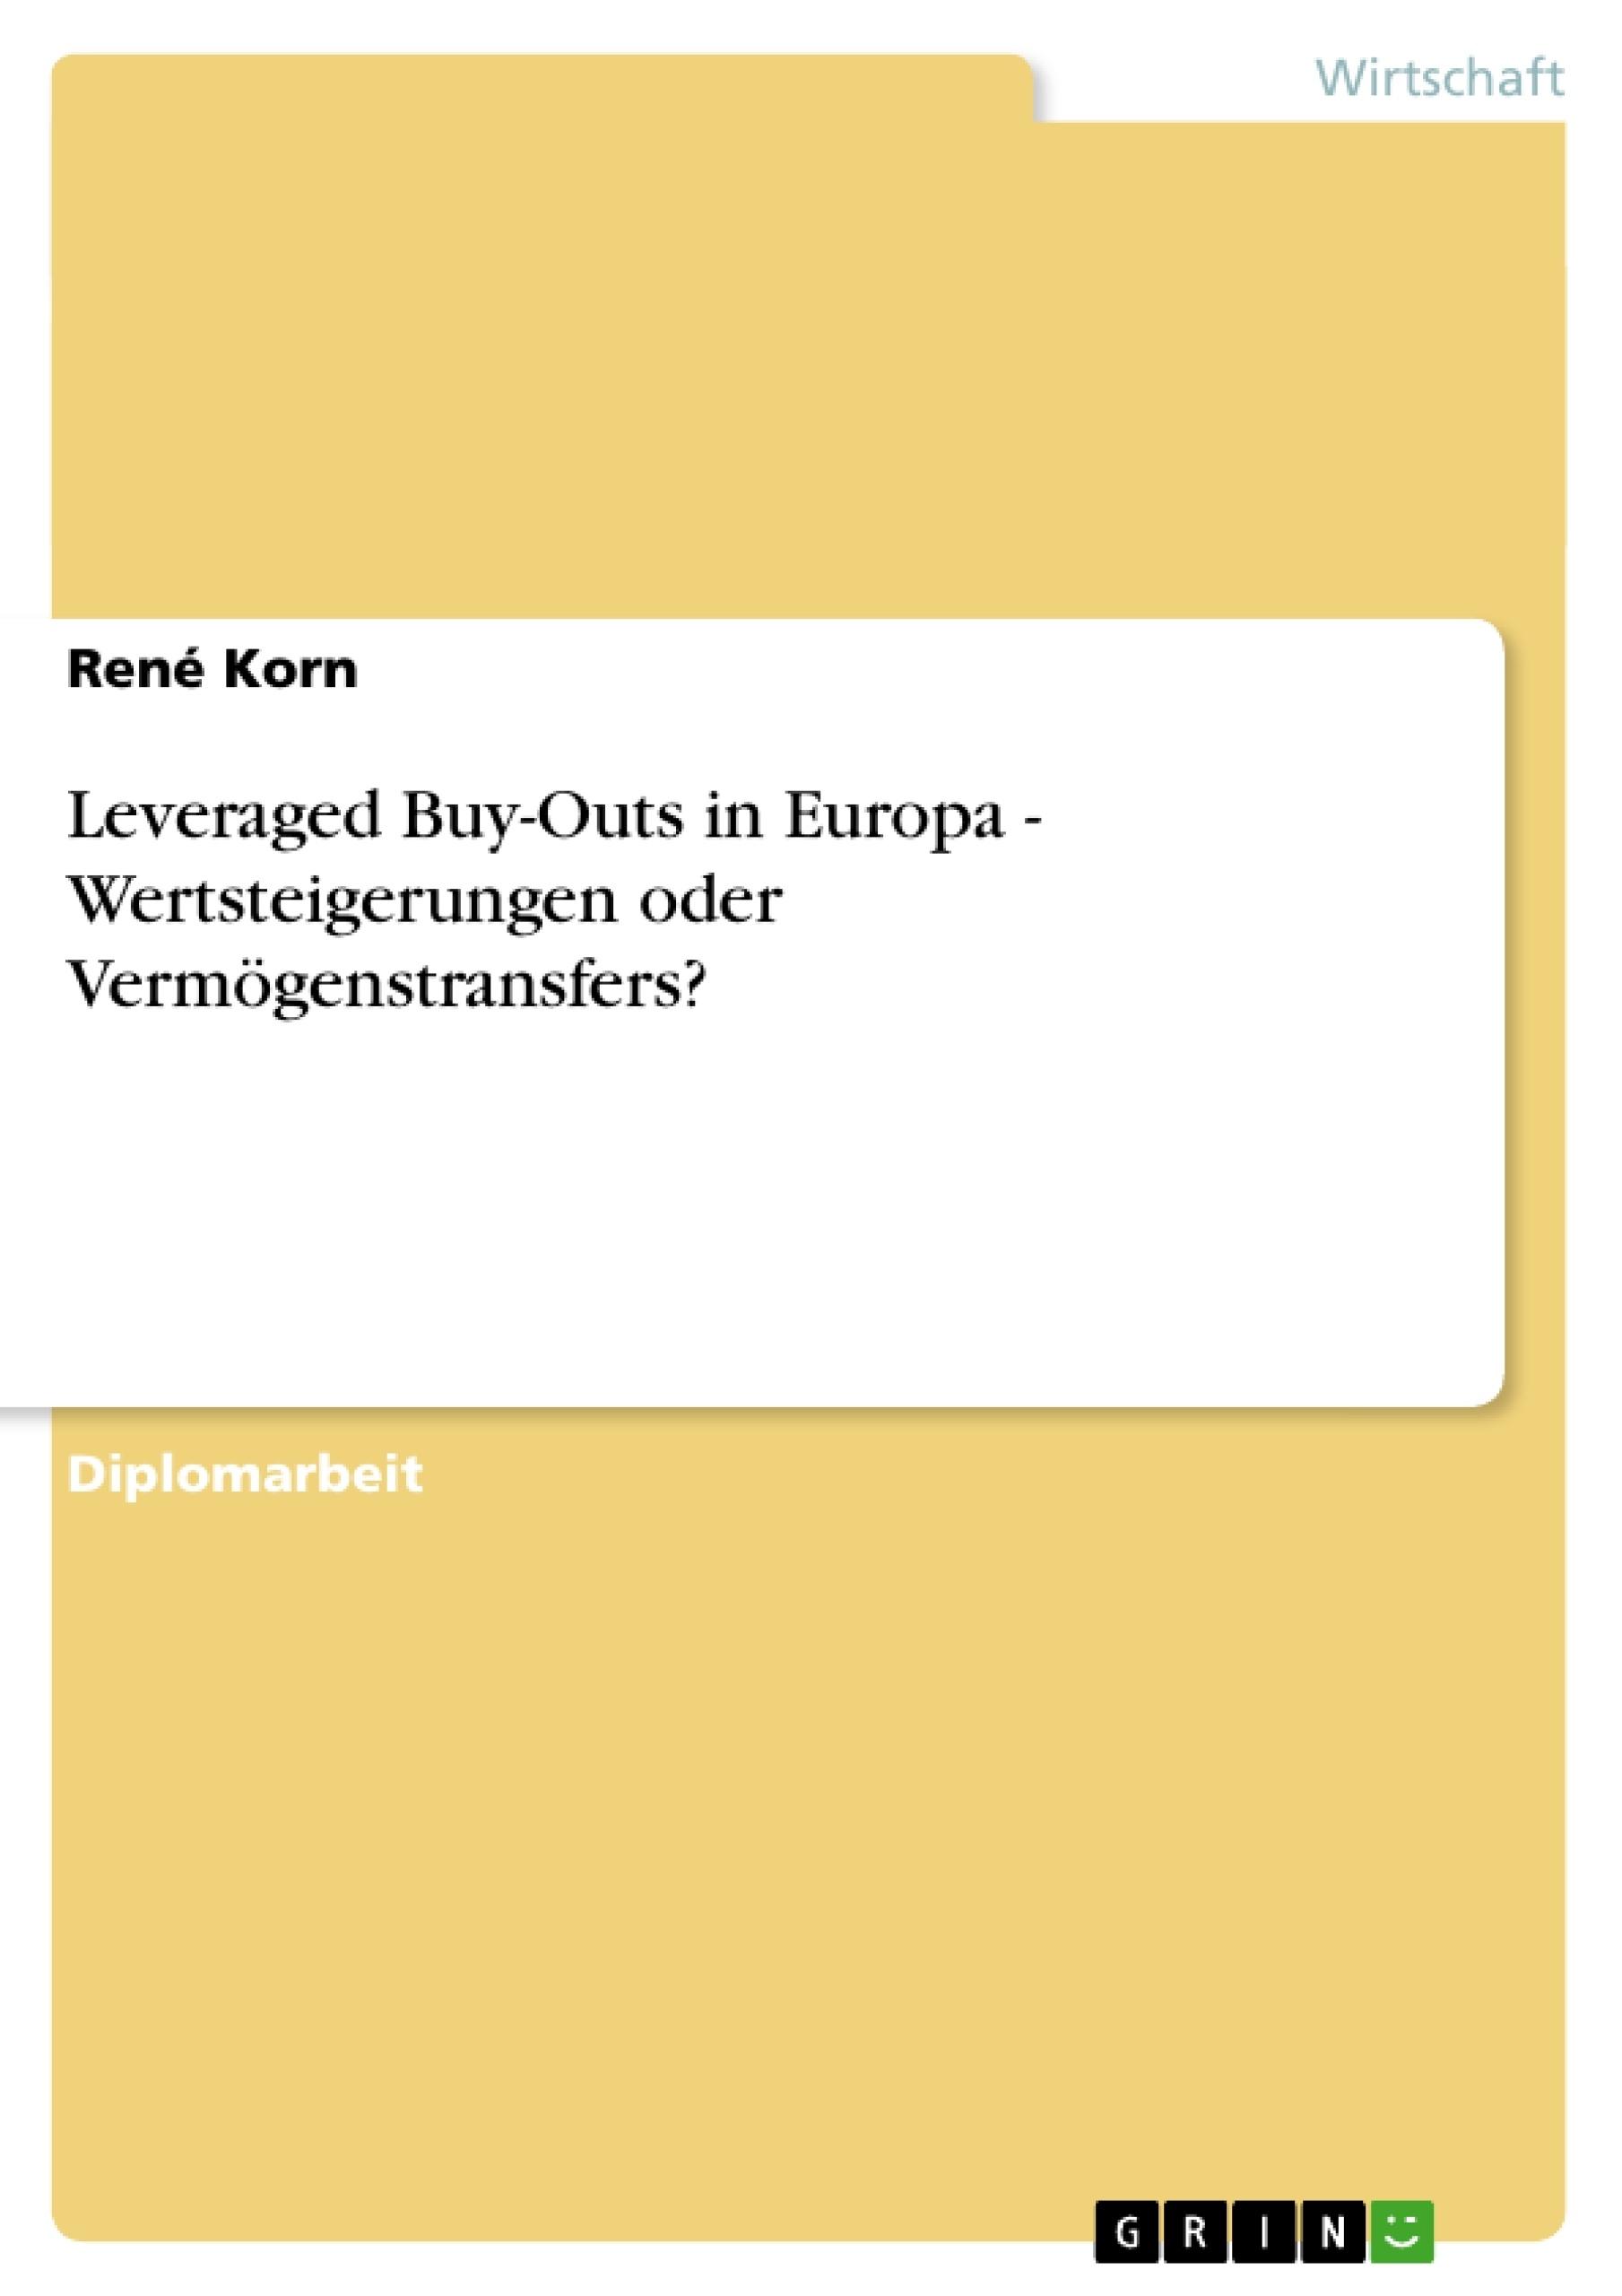 Titel: Leveraged Buy-Outs in Europa - Wertsteigerungen oder Vermögenstransfers?